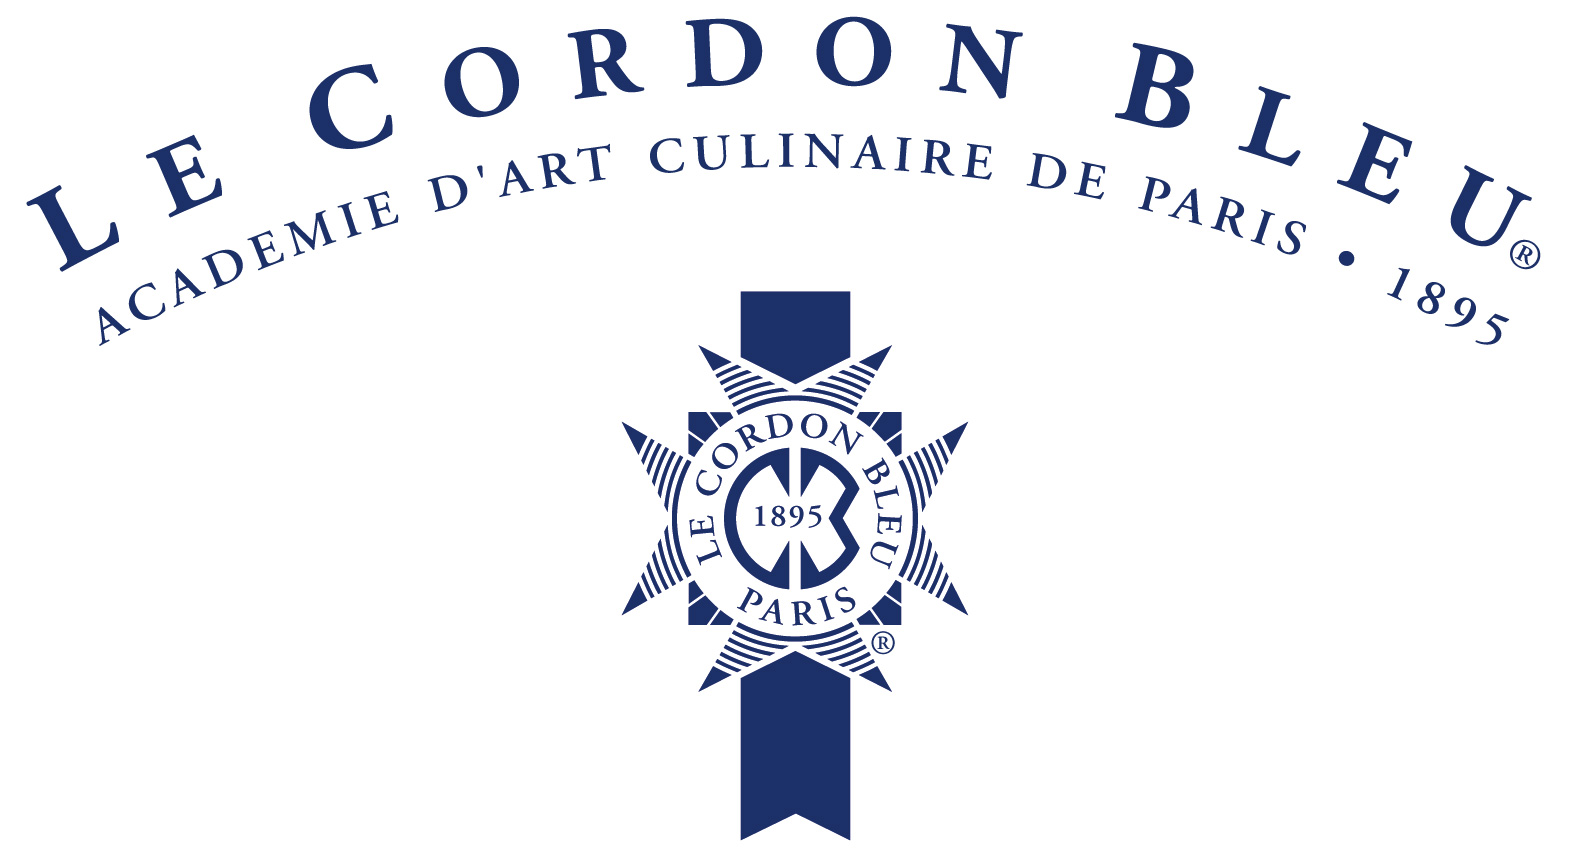 Cours ecole formation cuisine liban beyrouth beirut - Cours de cuisine cordon bleu ...